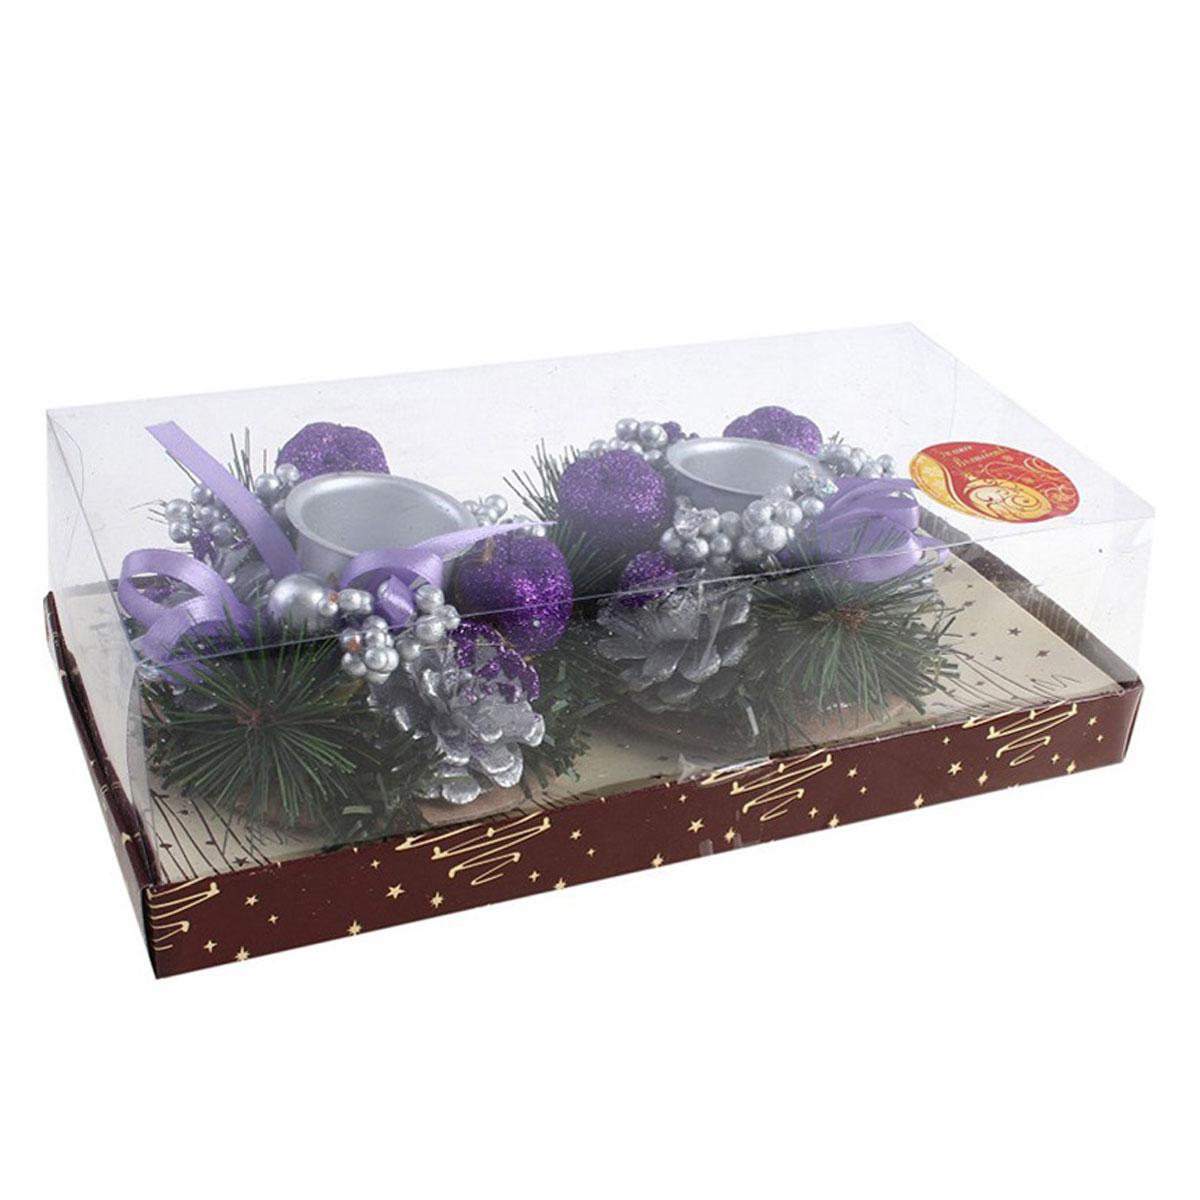 """Sima-land Подсвечник на две свечи """"Шишка с бантиками"""", цвет: фиолетовый, серебристый, пурпурный. 542654"""